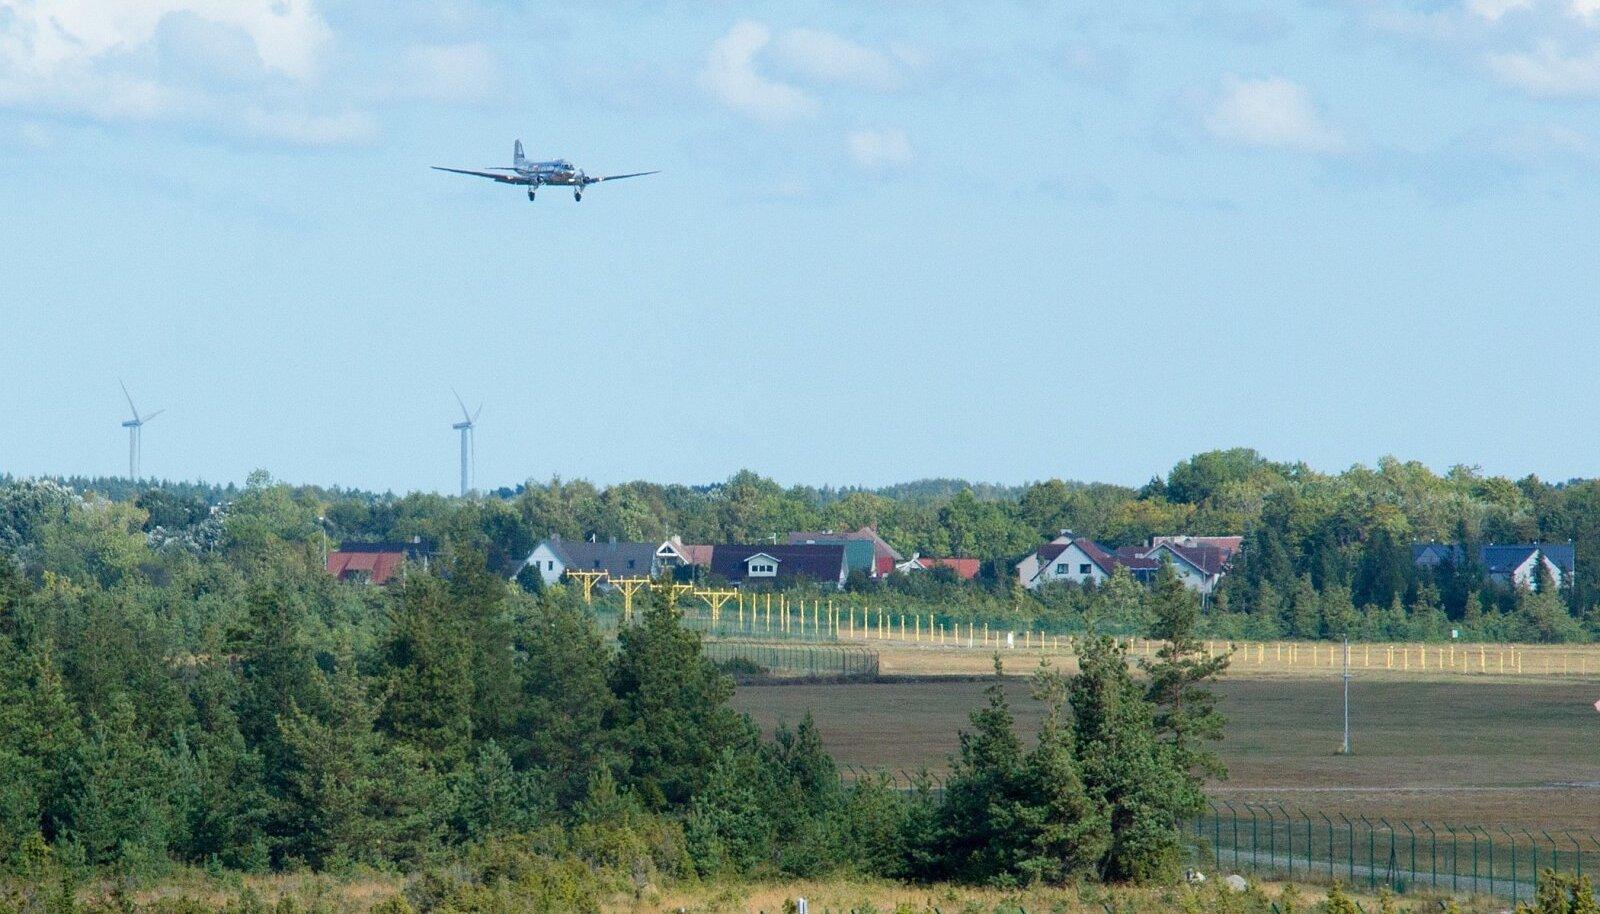 Täna maandus Roomassaare lennuväljal kaks lennukit Douglas C-47. Rootsist saabusid Saaremaa Toidufestivalile ja tutvuma Saare maakonnaga Rootsi Lendavate Veteranide Klubi liikmed 1943 aastal ehitatud lennukiga Douglas C-47 ja pool tundi varem maandus Soomest sama tüüpi lennuk.  Klubi plaanis ka eelmisel aastal toidufestivalile sama lennukiga tulla, kuid tehnilise rikke tõttu jäi tookord reis ära. Täna maandus klubi 22 liiget õnnelikult ja edasi siirduti Koguva kalapäevale.